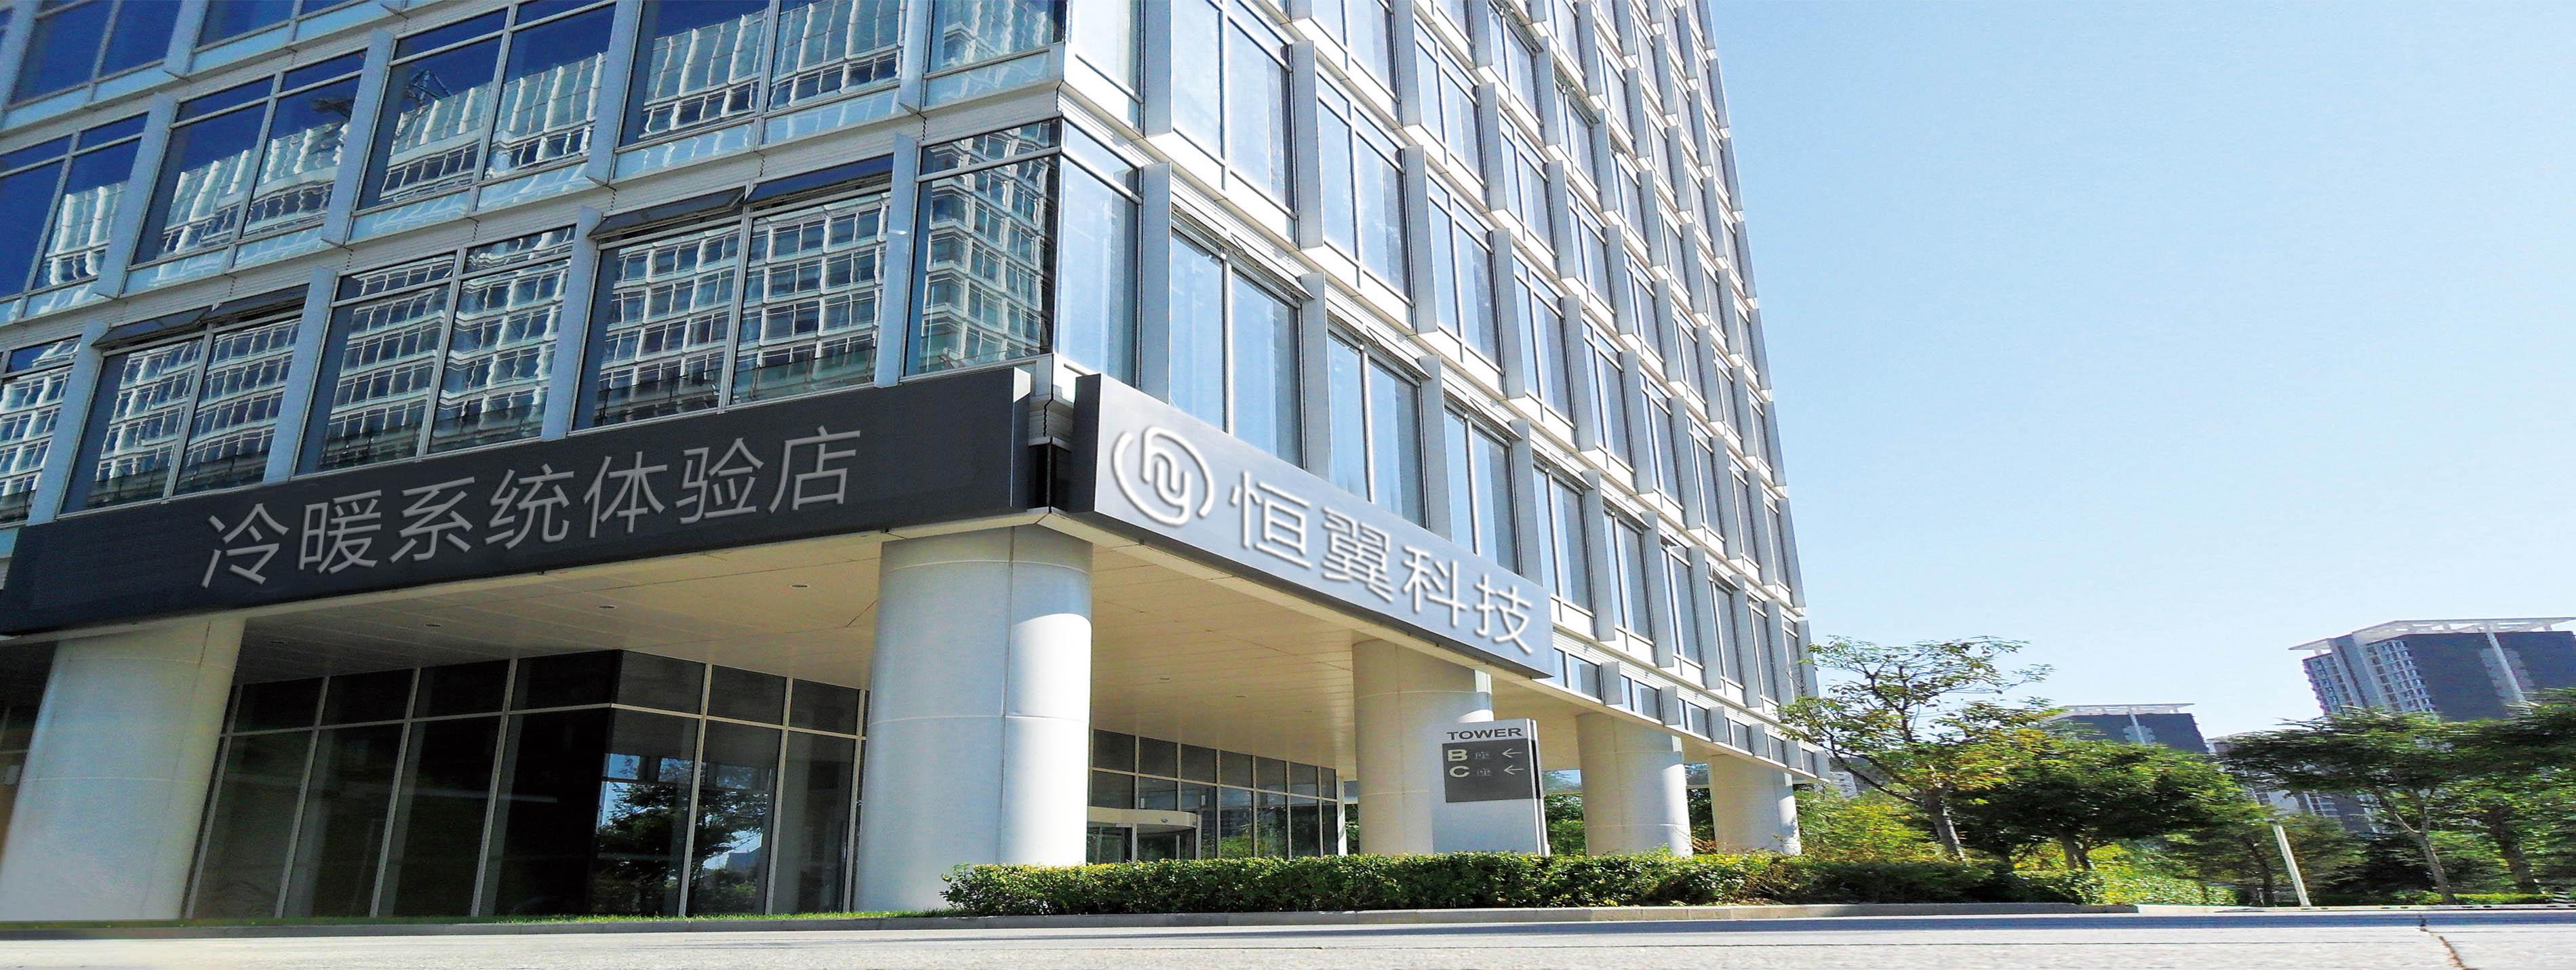 贵州恒翼科技有限公司